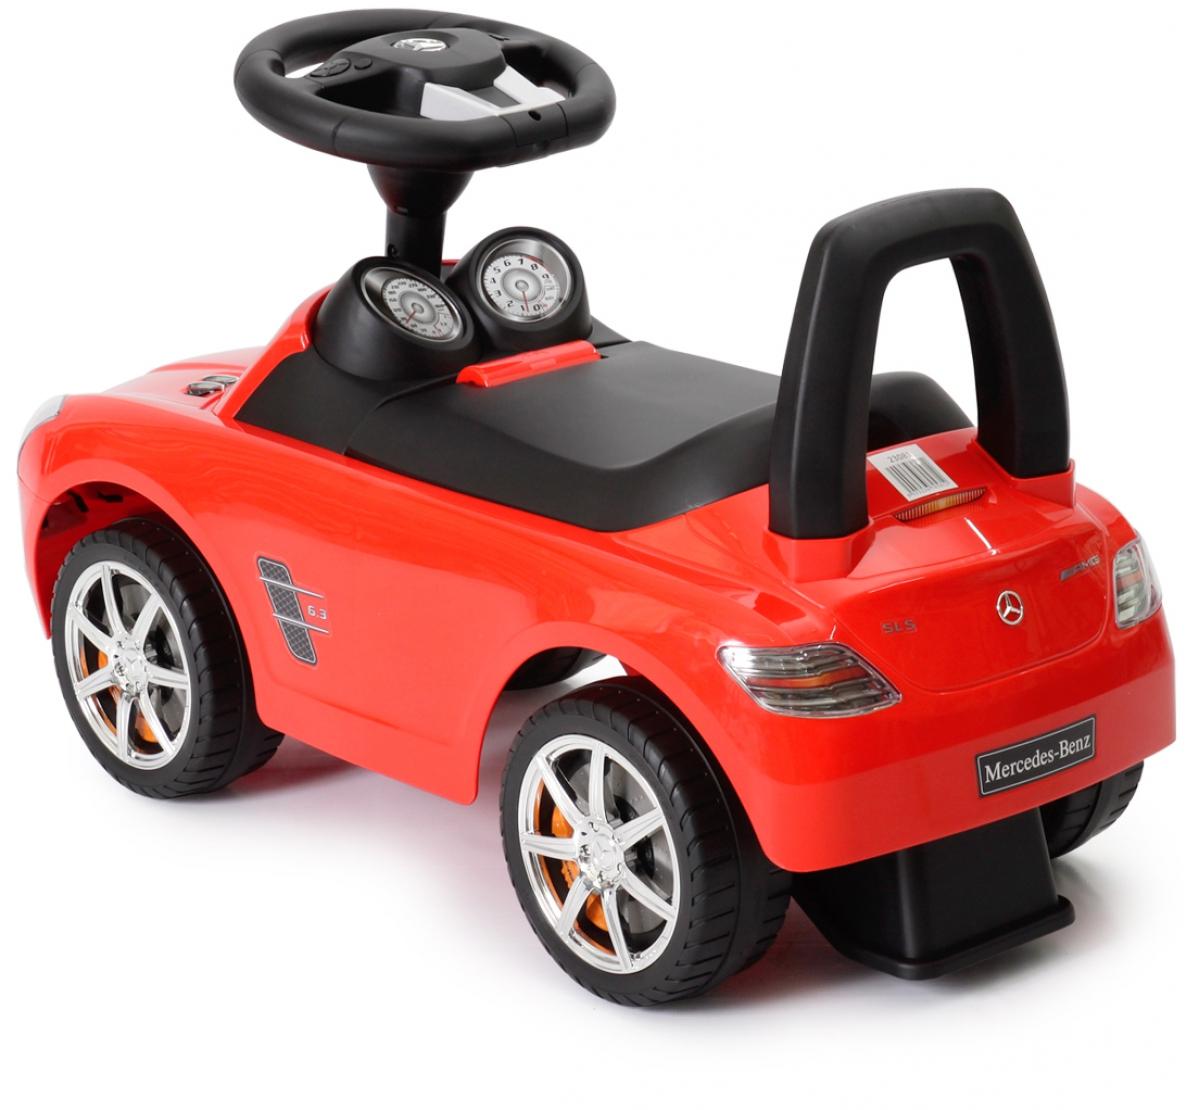 23081 mercedes benz ride on car ride on car. Black Bedroom Furniture Sets. Home Design Ideas